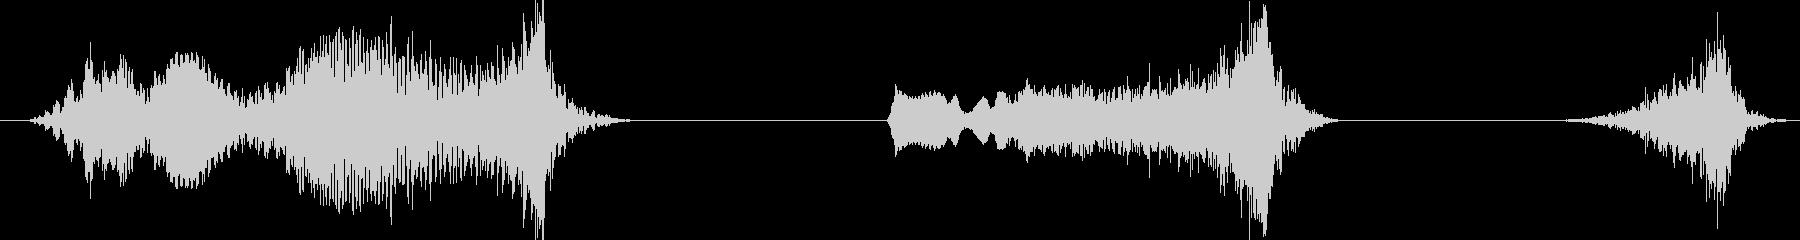 フィクション 電力装置 崩壊03の未再生の波形